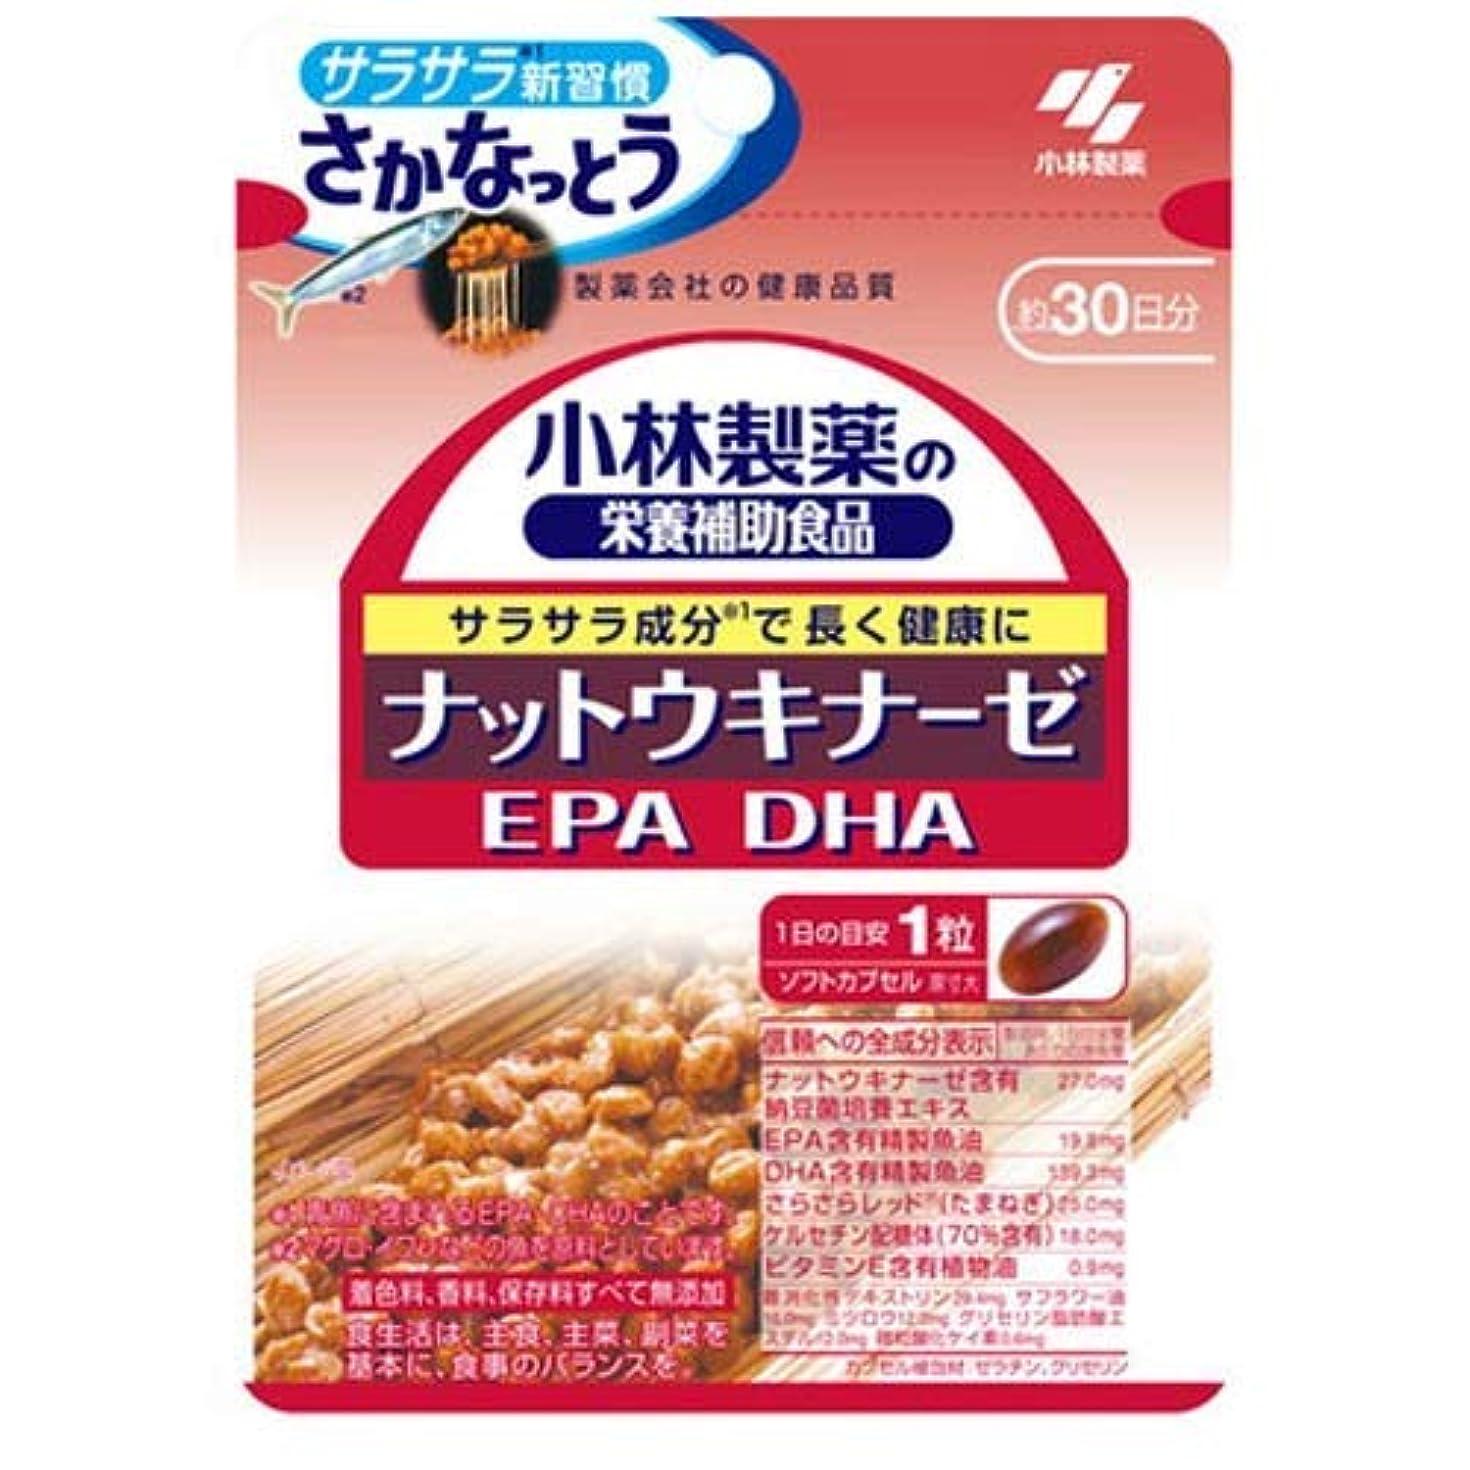 みがきます差別化するびっくりする小林製薬 ナットウキナーゼ EPA/DHA 30粒 [メール便対応商品]